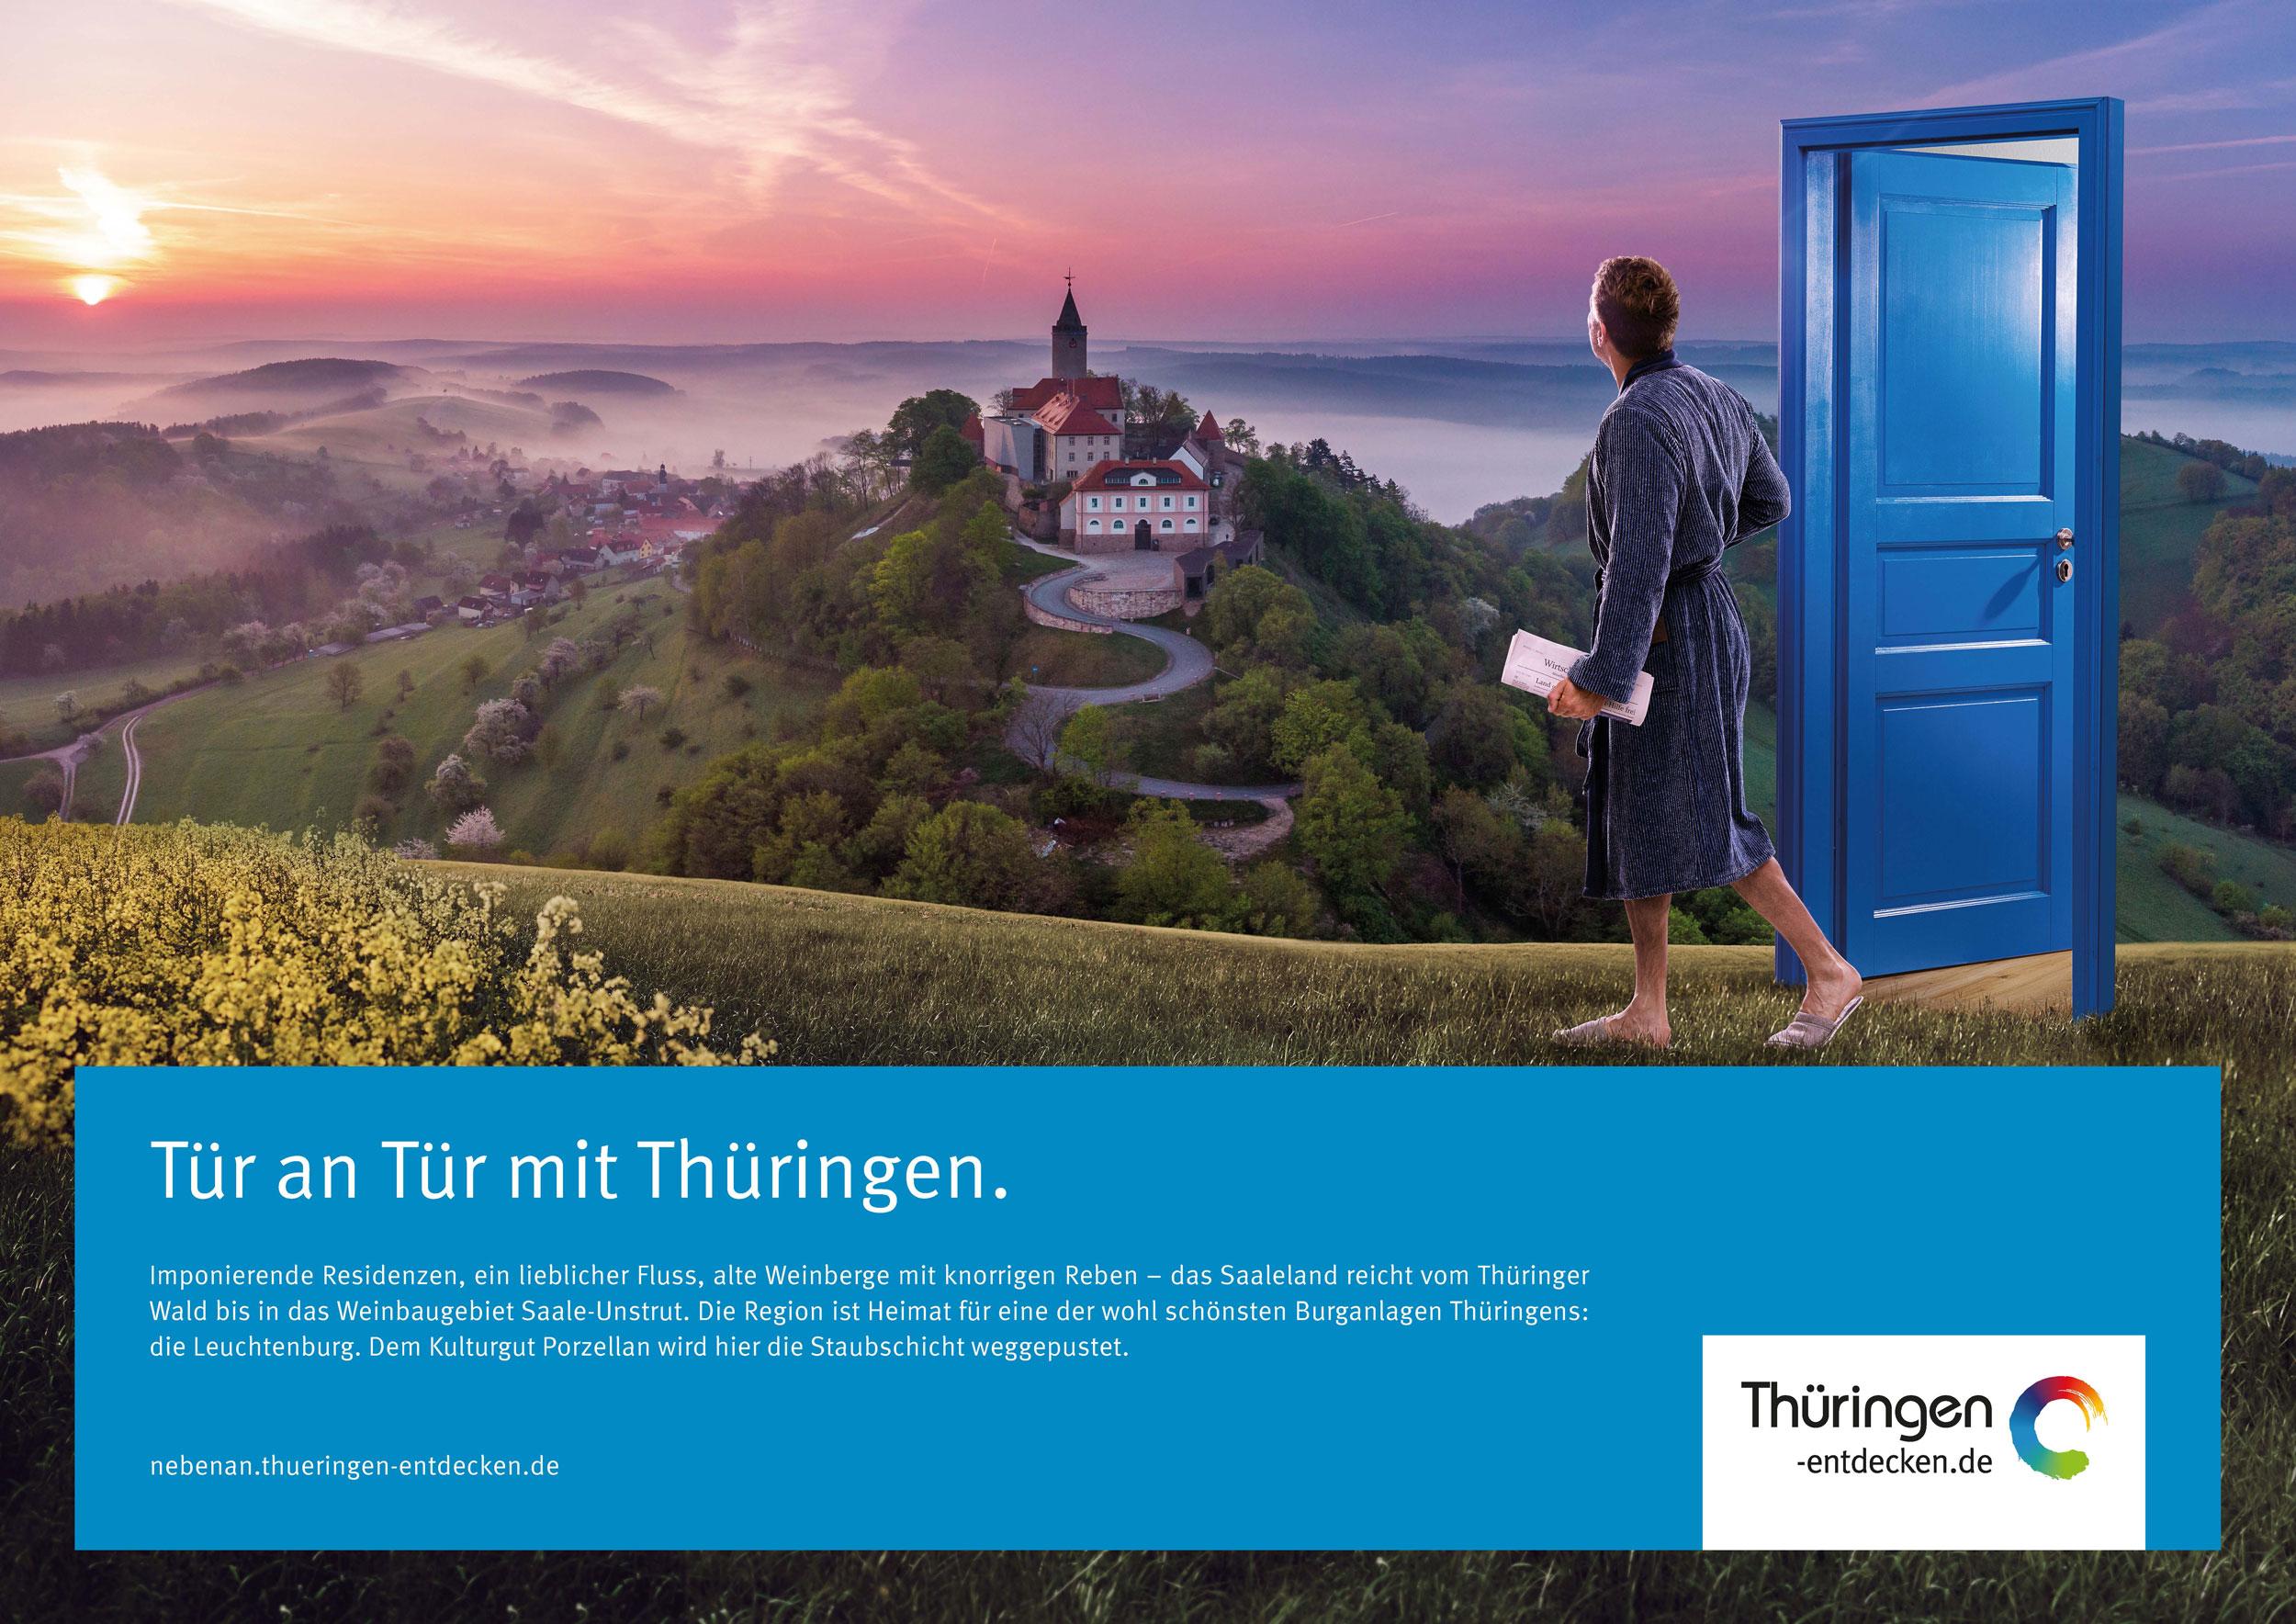 Tür an Tür mit Thüringen 18/1-Motiv Saaleland